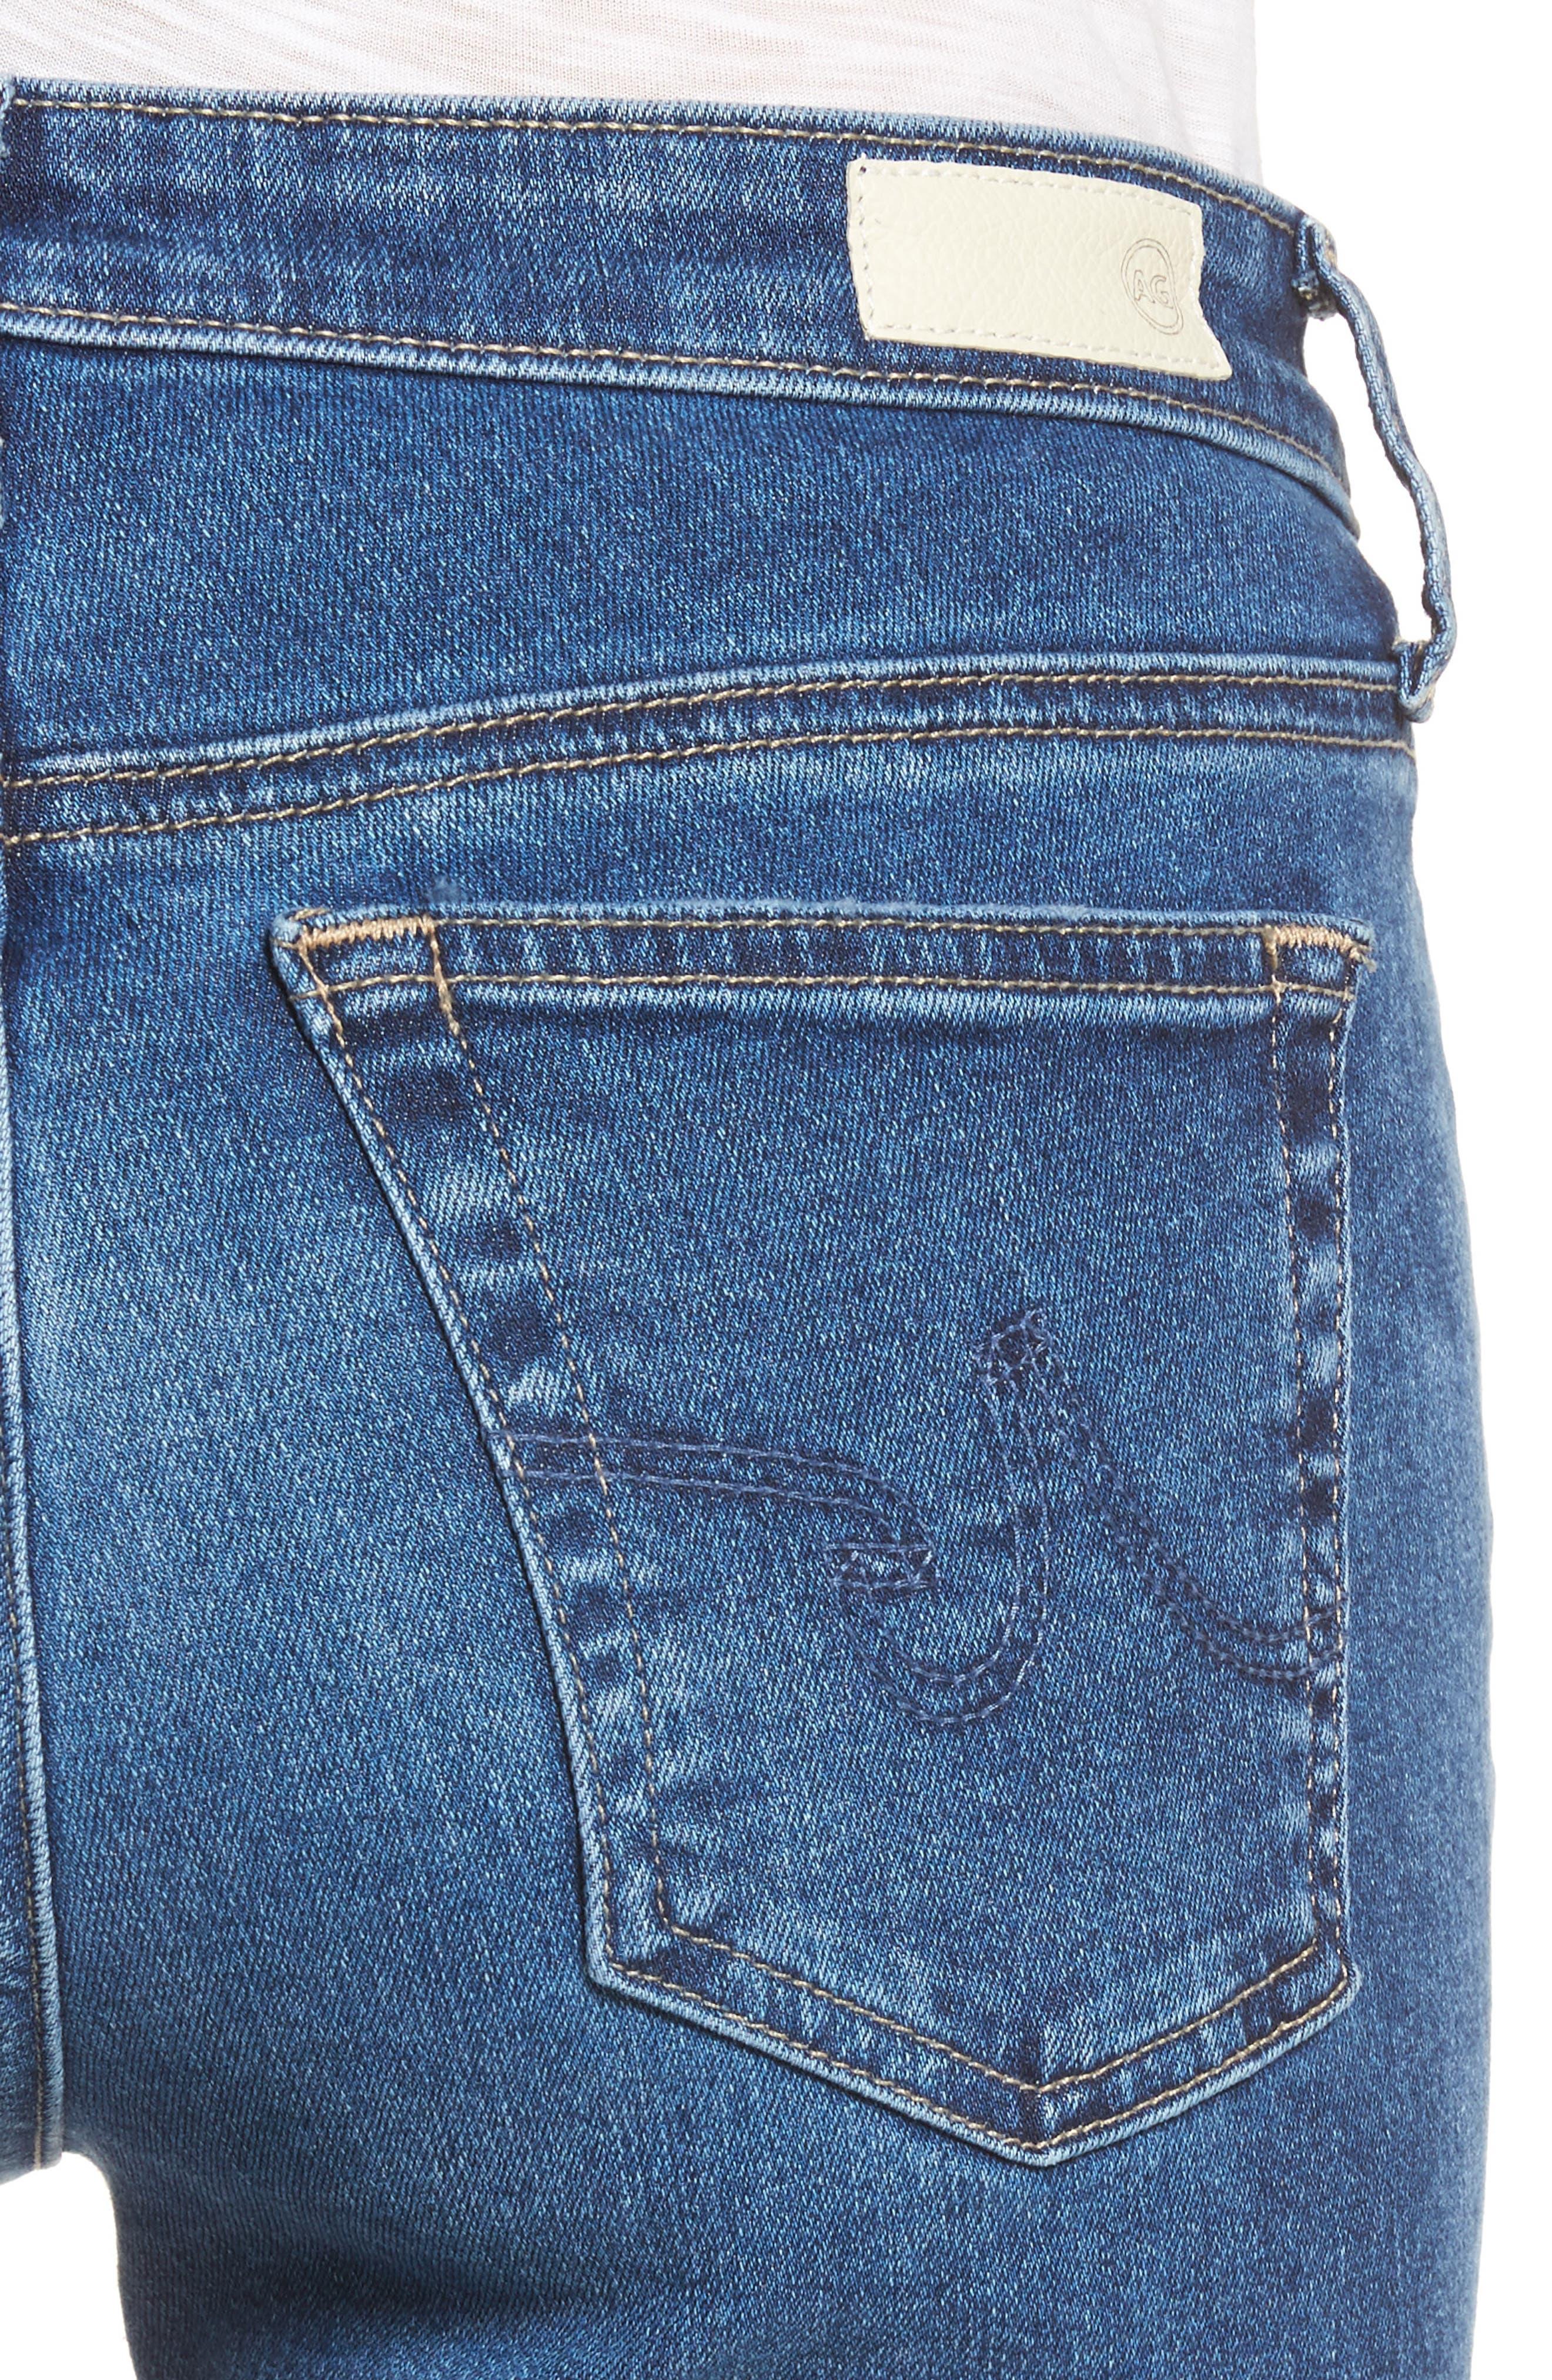 Alternate Image 4  - AG The Legging Ankle Super Skinny Jeans (17 Years Sea Drift)